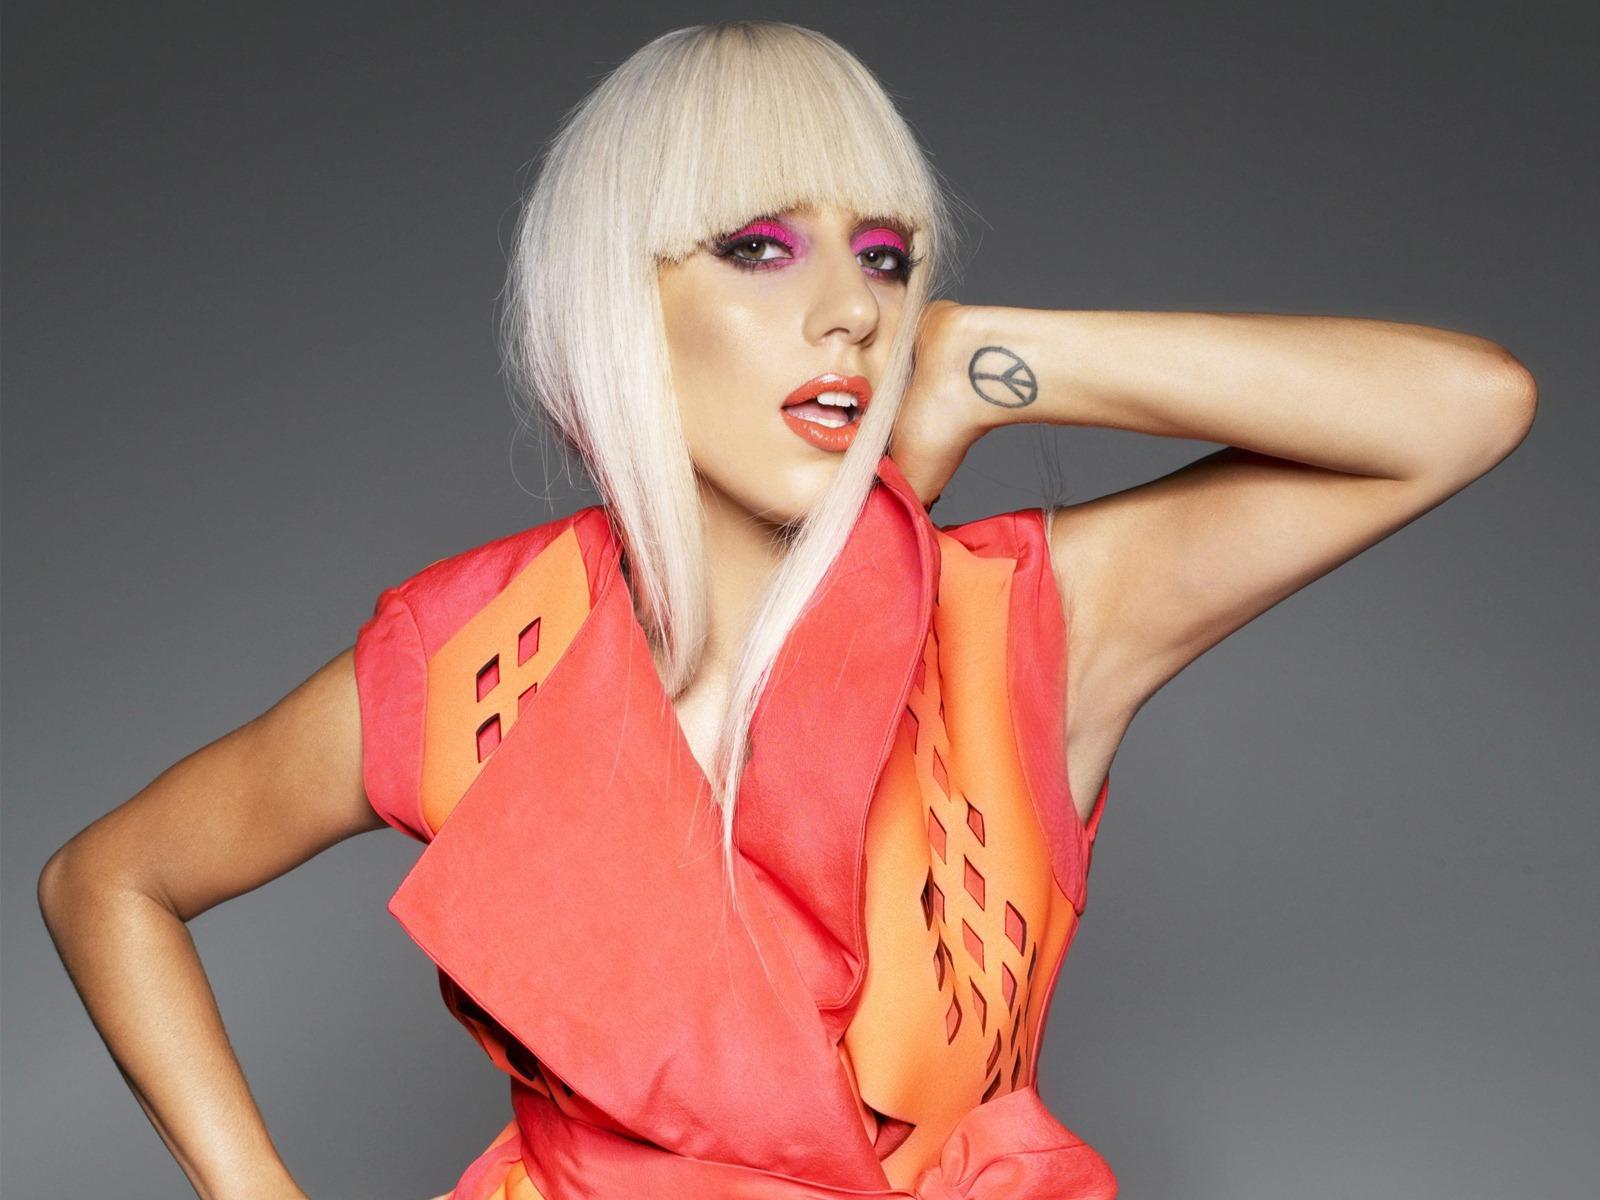 http://3.bp.blogspot.com/-ibSYEo-27I4/T7lkL6m44HI/AAAAAAAAElk/MiUEmIdKb_g/s1600/Lady-Gaga-Wallpapers.jpg